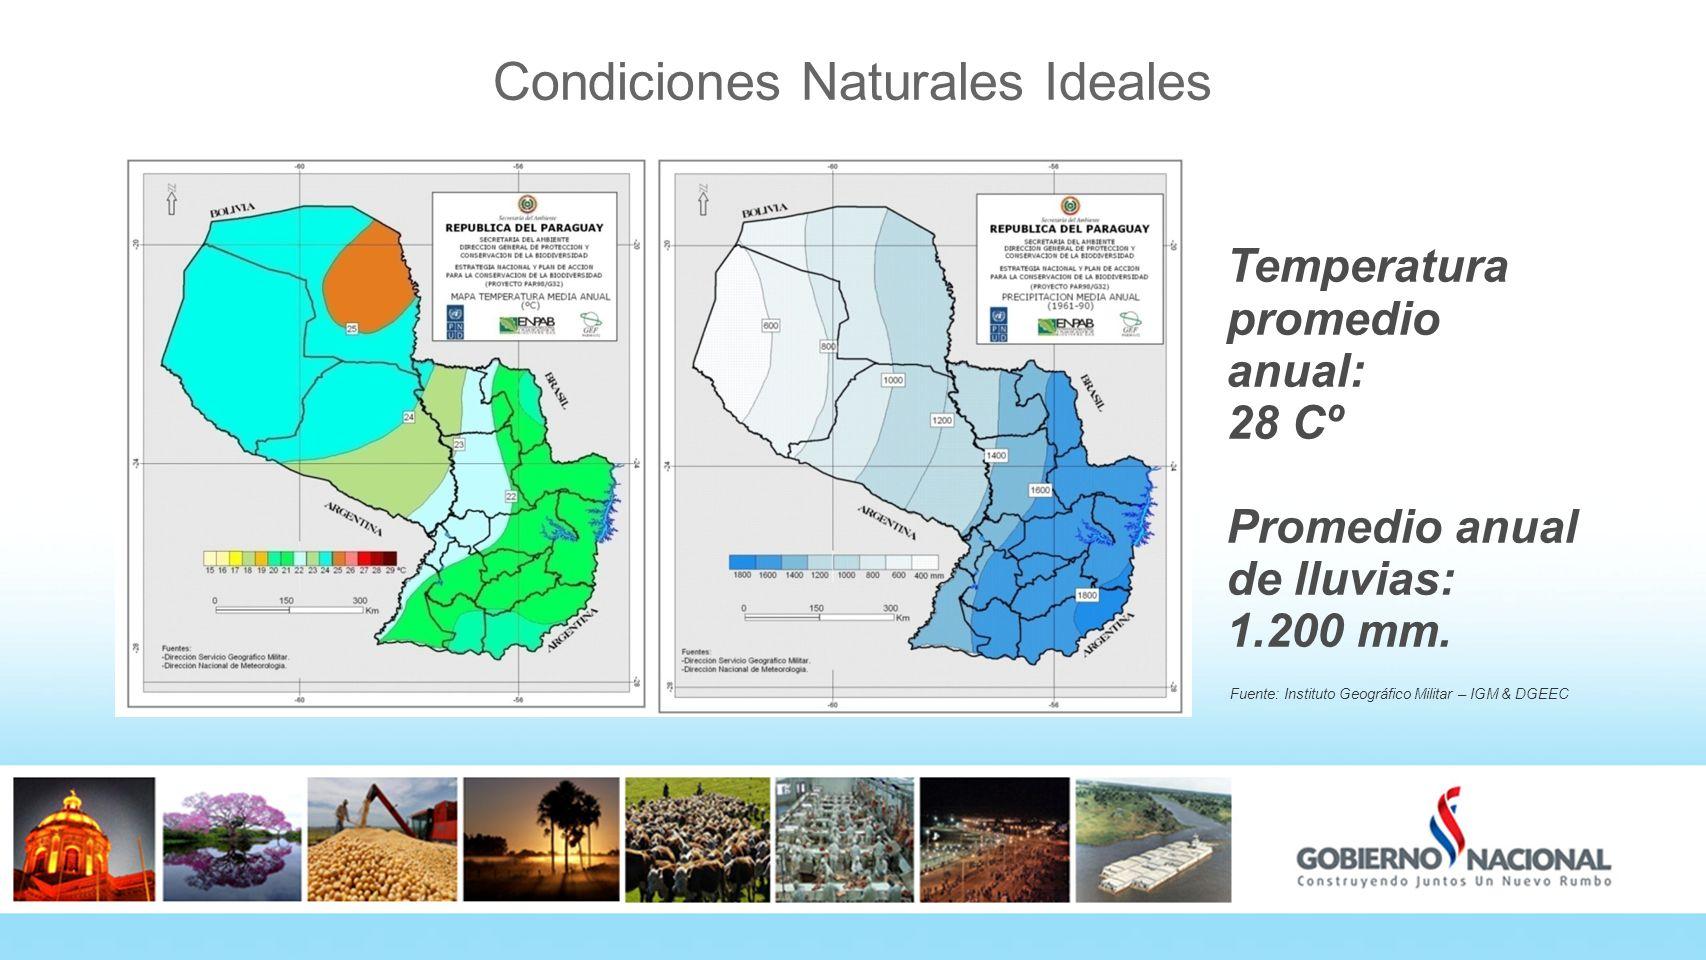 Temperatura promedio anual: 28 Cº Promedio anual de lluvias: 1.200 mm. Fuente: Instituto Geográfico Militar – IGM & DGEEC Condiciones Naturales Ideale